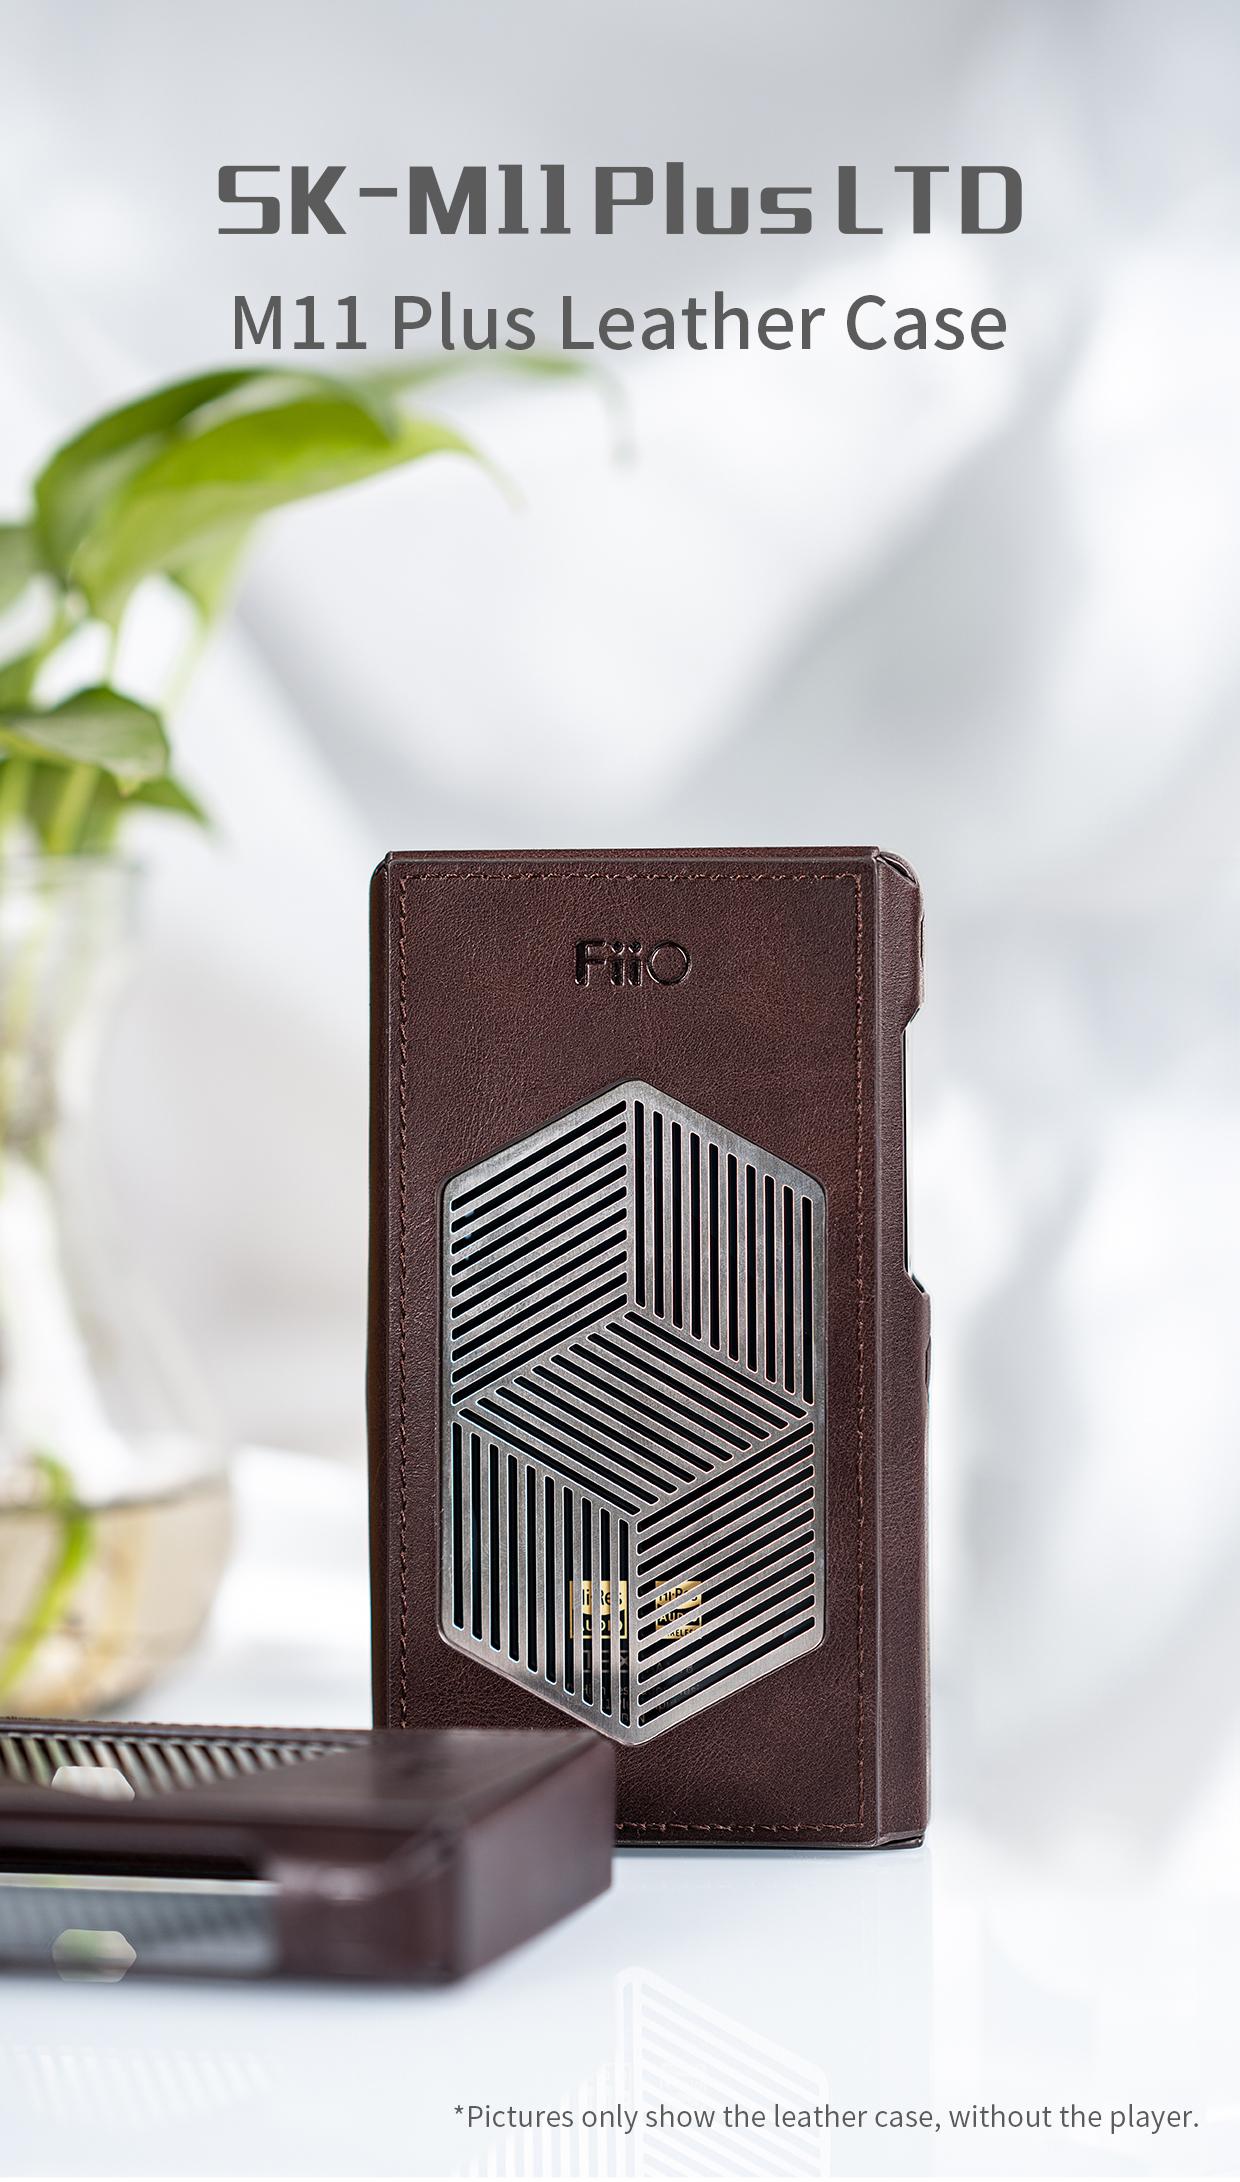 FiiO SK-M11 Plus LTD